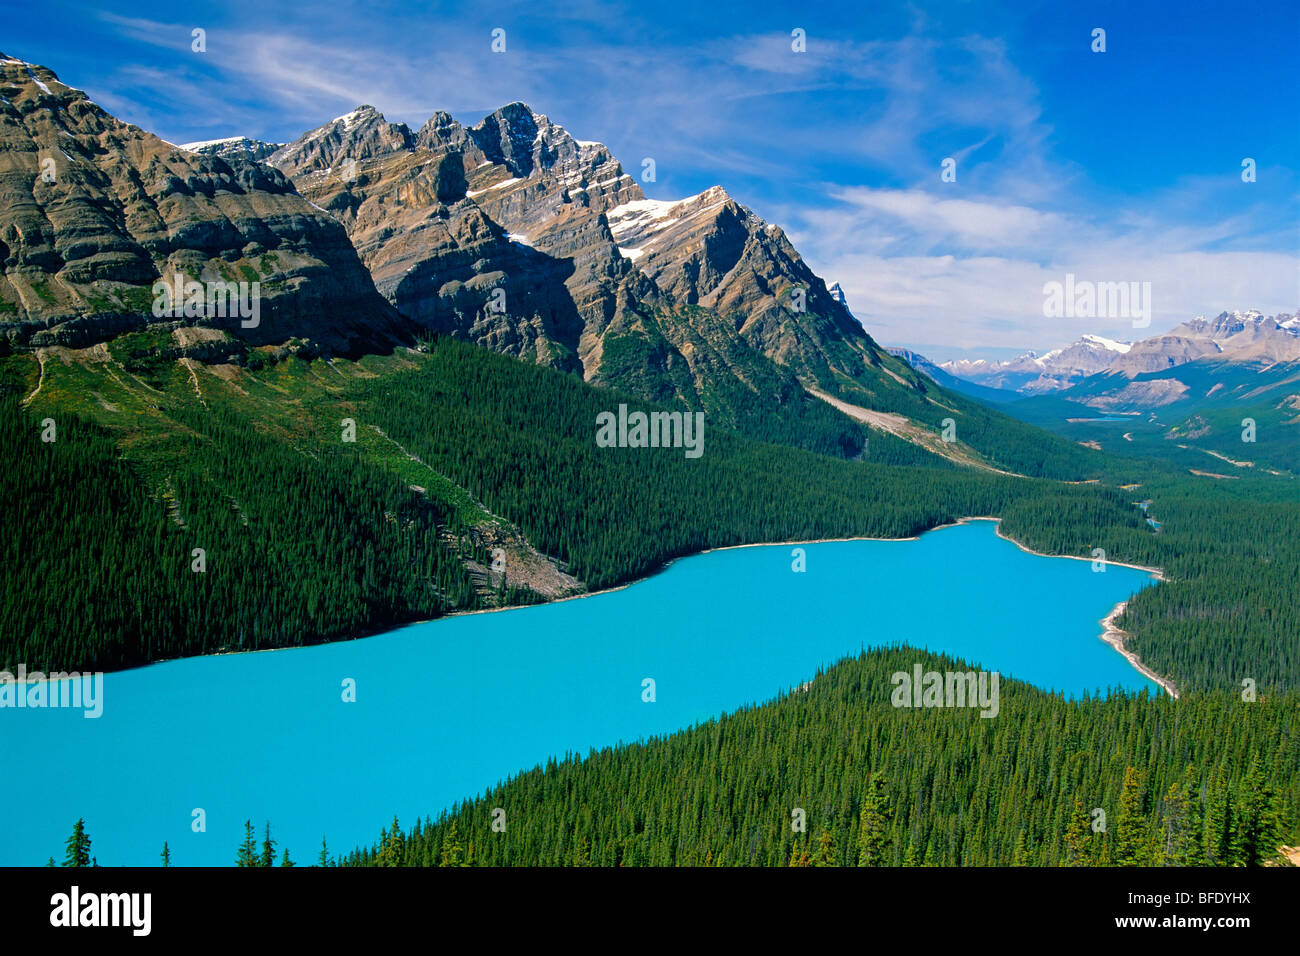 Angolo di alta vista del Lago Peyto, Icefields Parkway, il Parco Nazionale di Banff, Alberta, Canada Immagini Stock